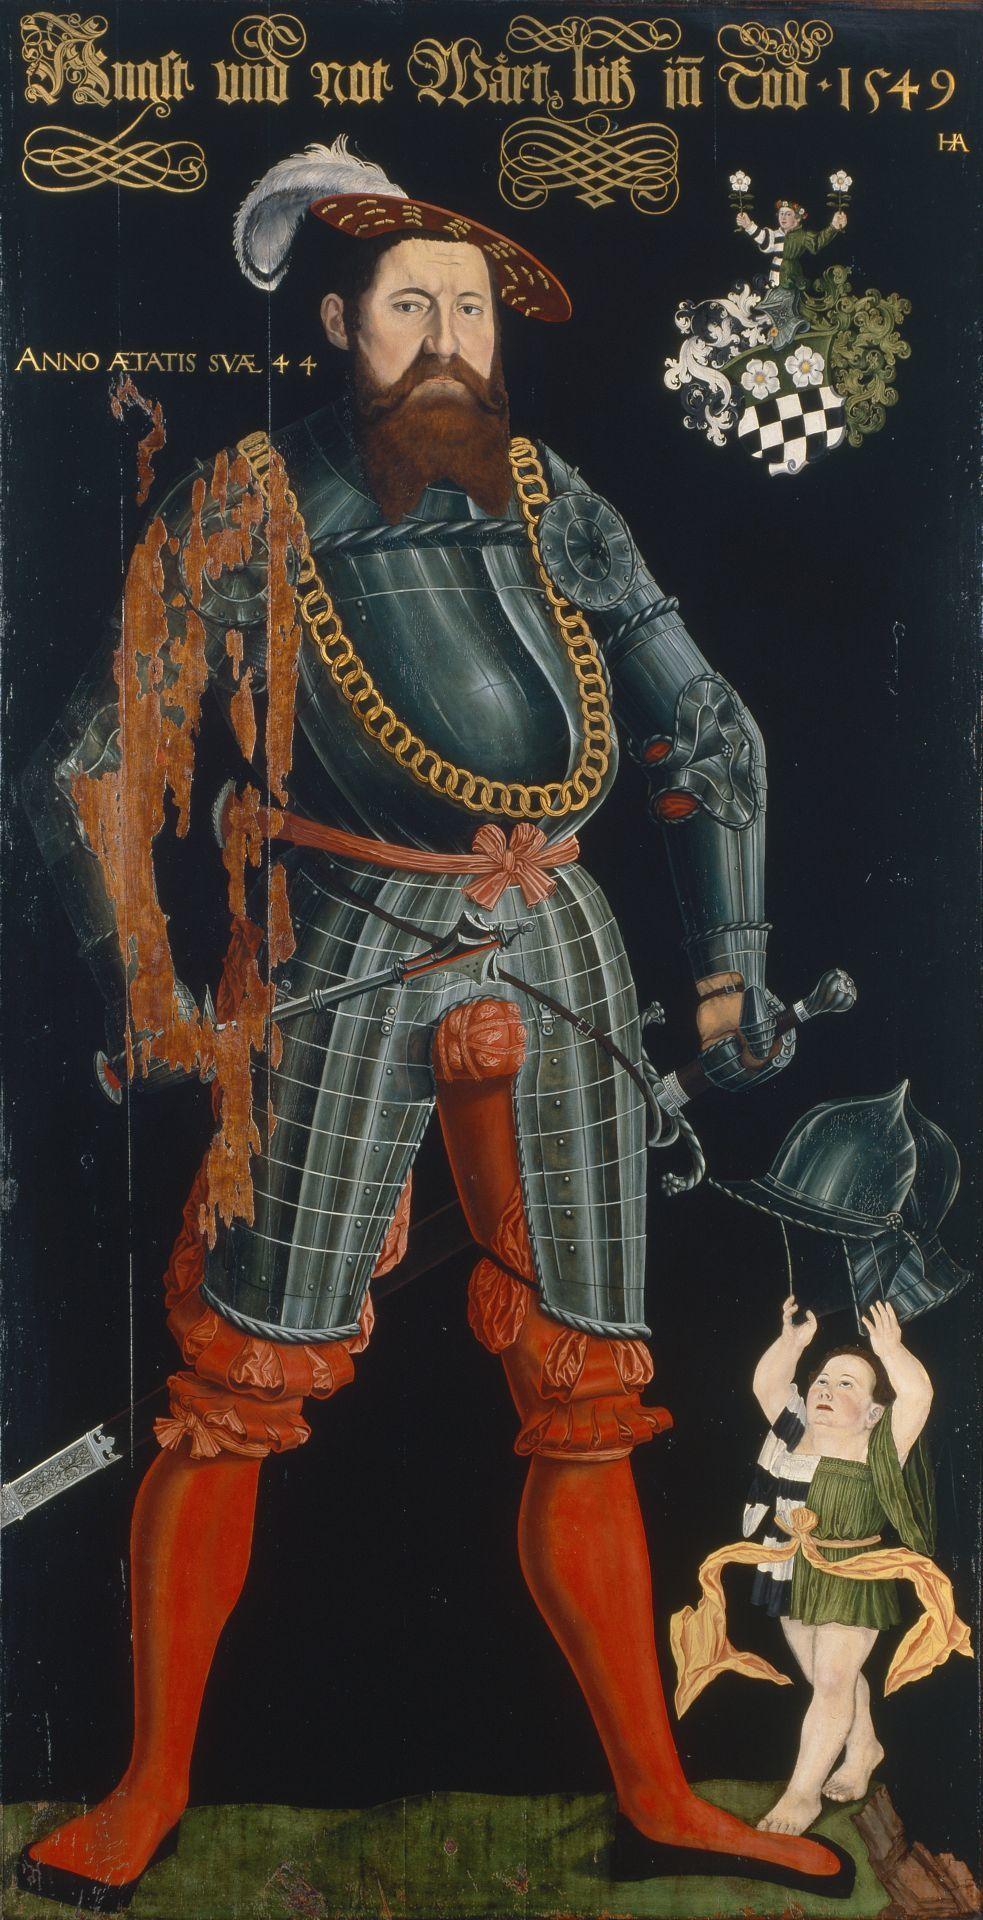 Wilhelm Frölich portréja 1549-ből, melyen jól látszik, mily fontos szerepet kapott a férfiak öltözködésében a gatyapőc.